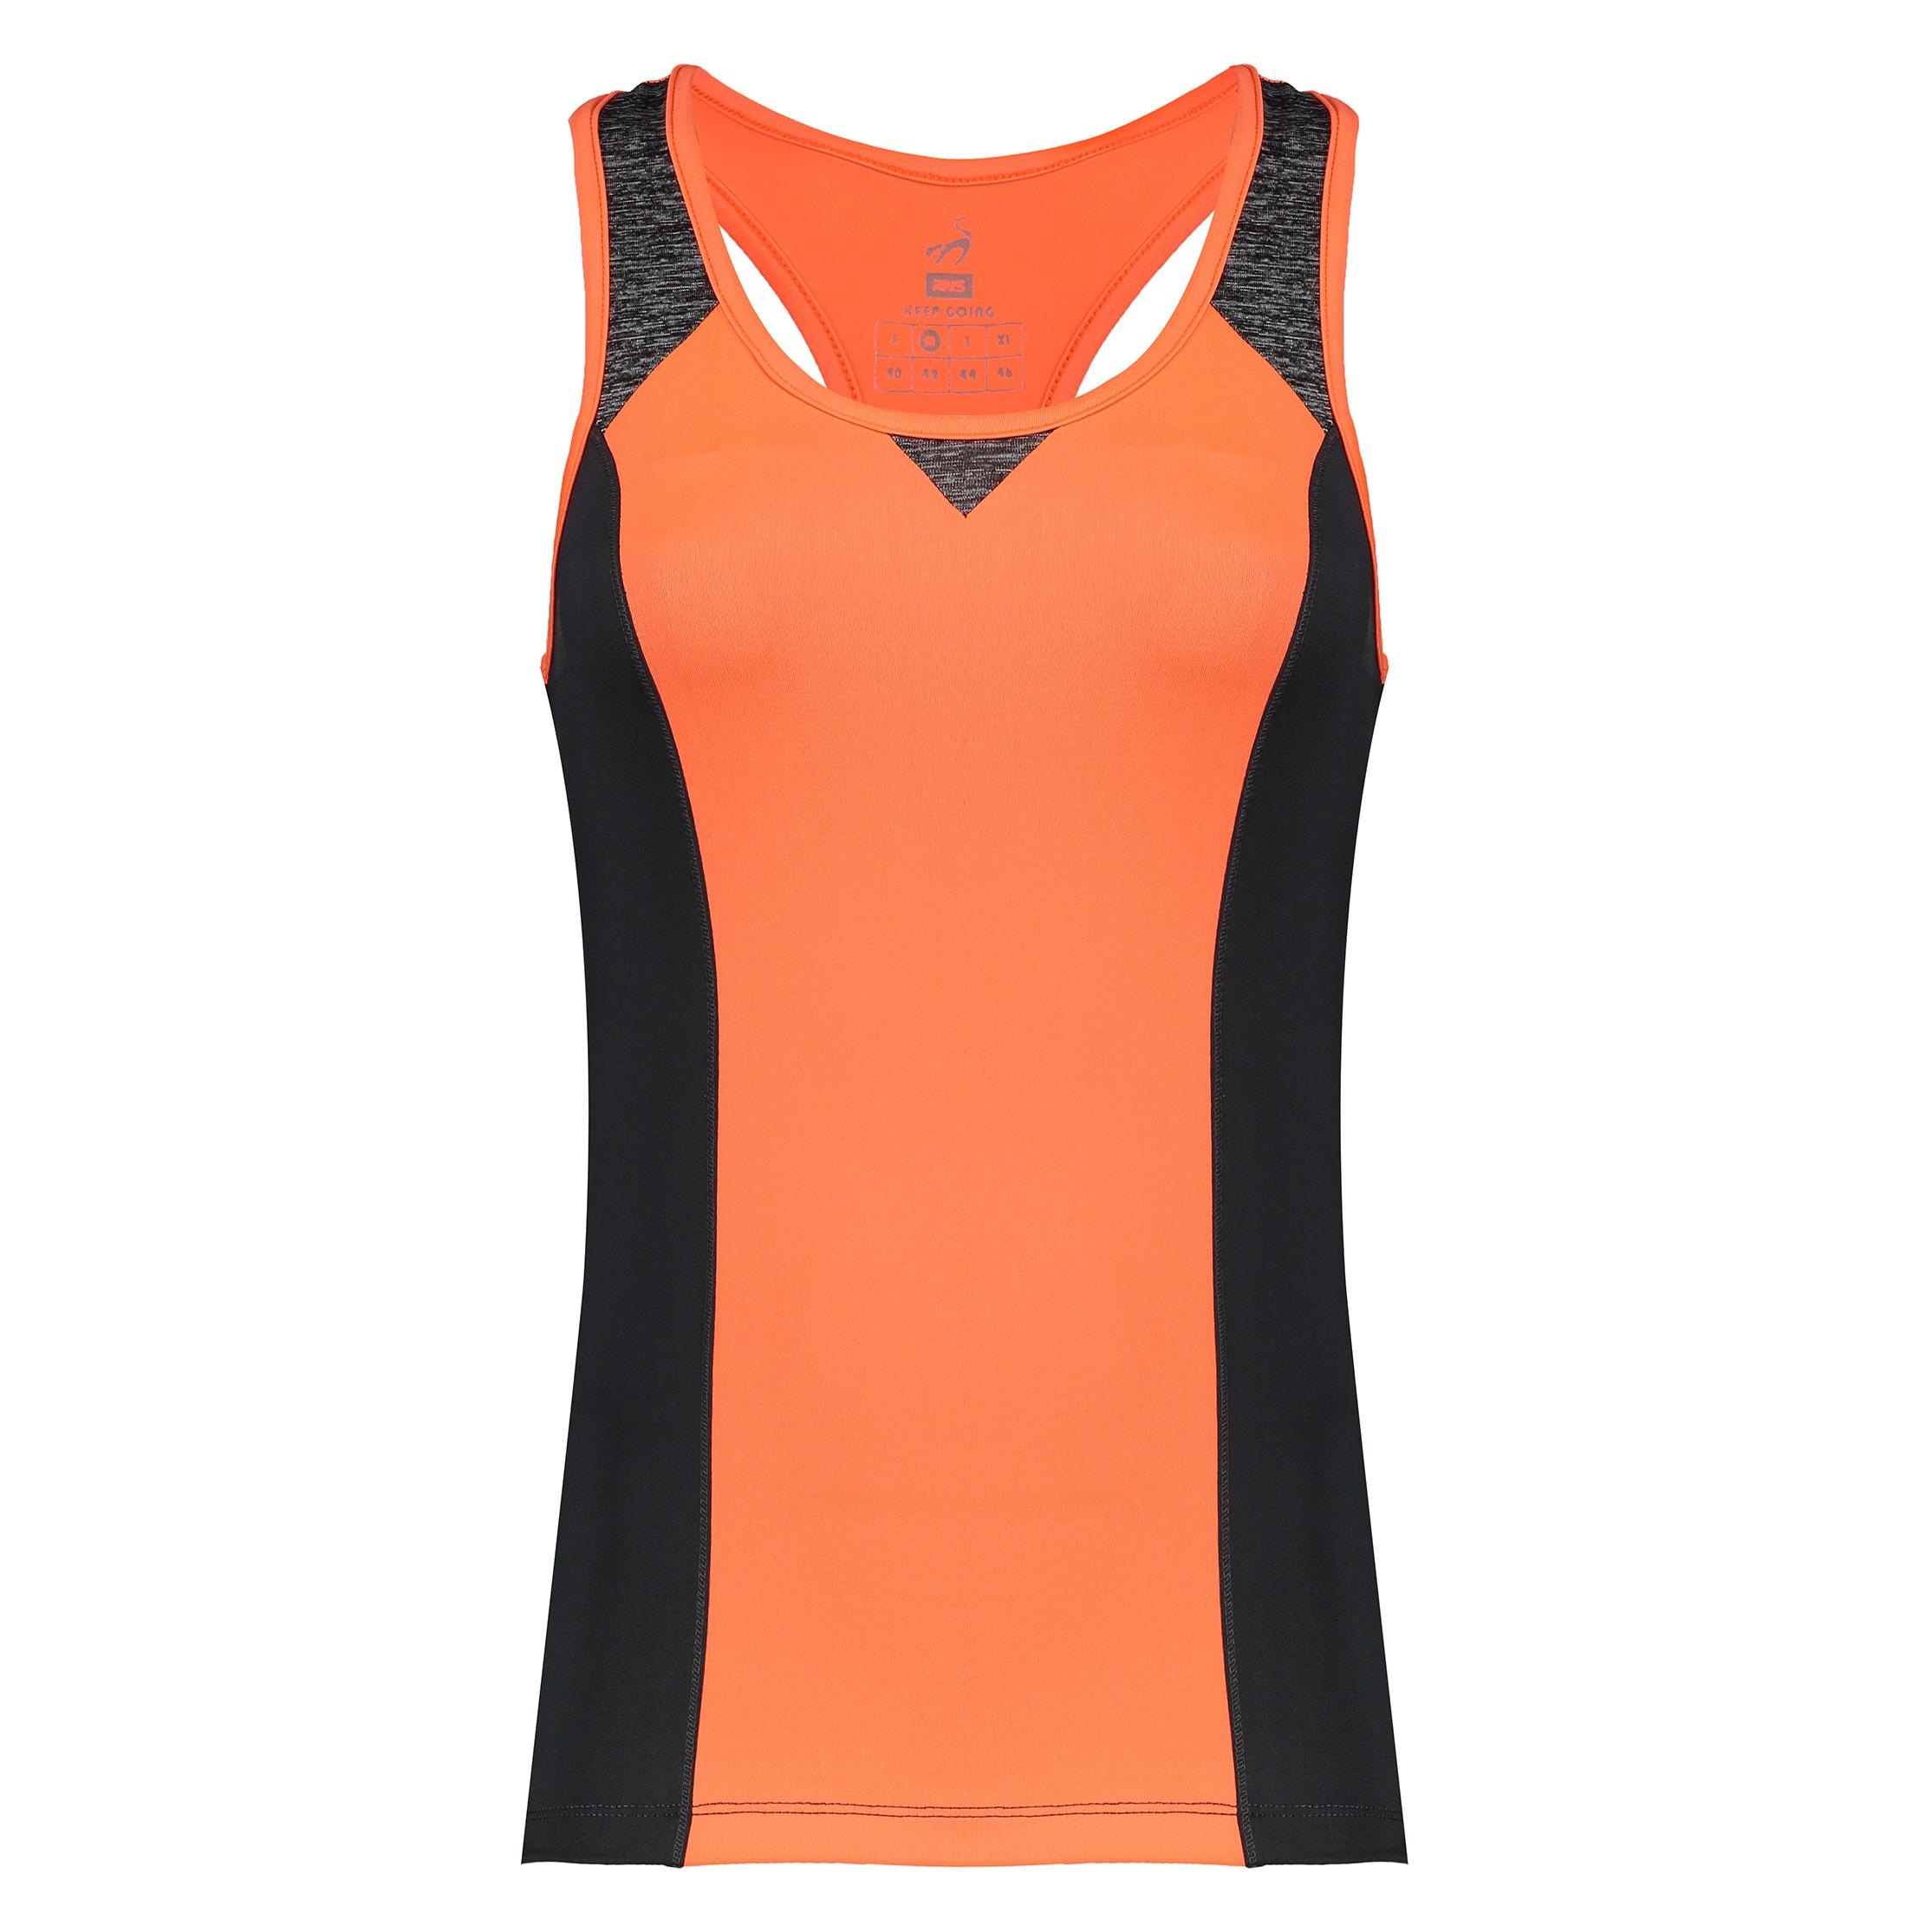 تاپ ورزشی زنانه آر ان اس مدل 1101095-23